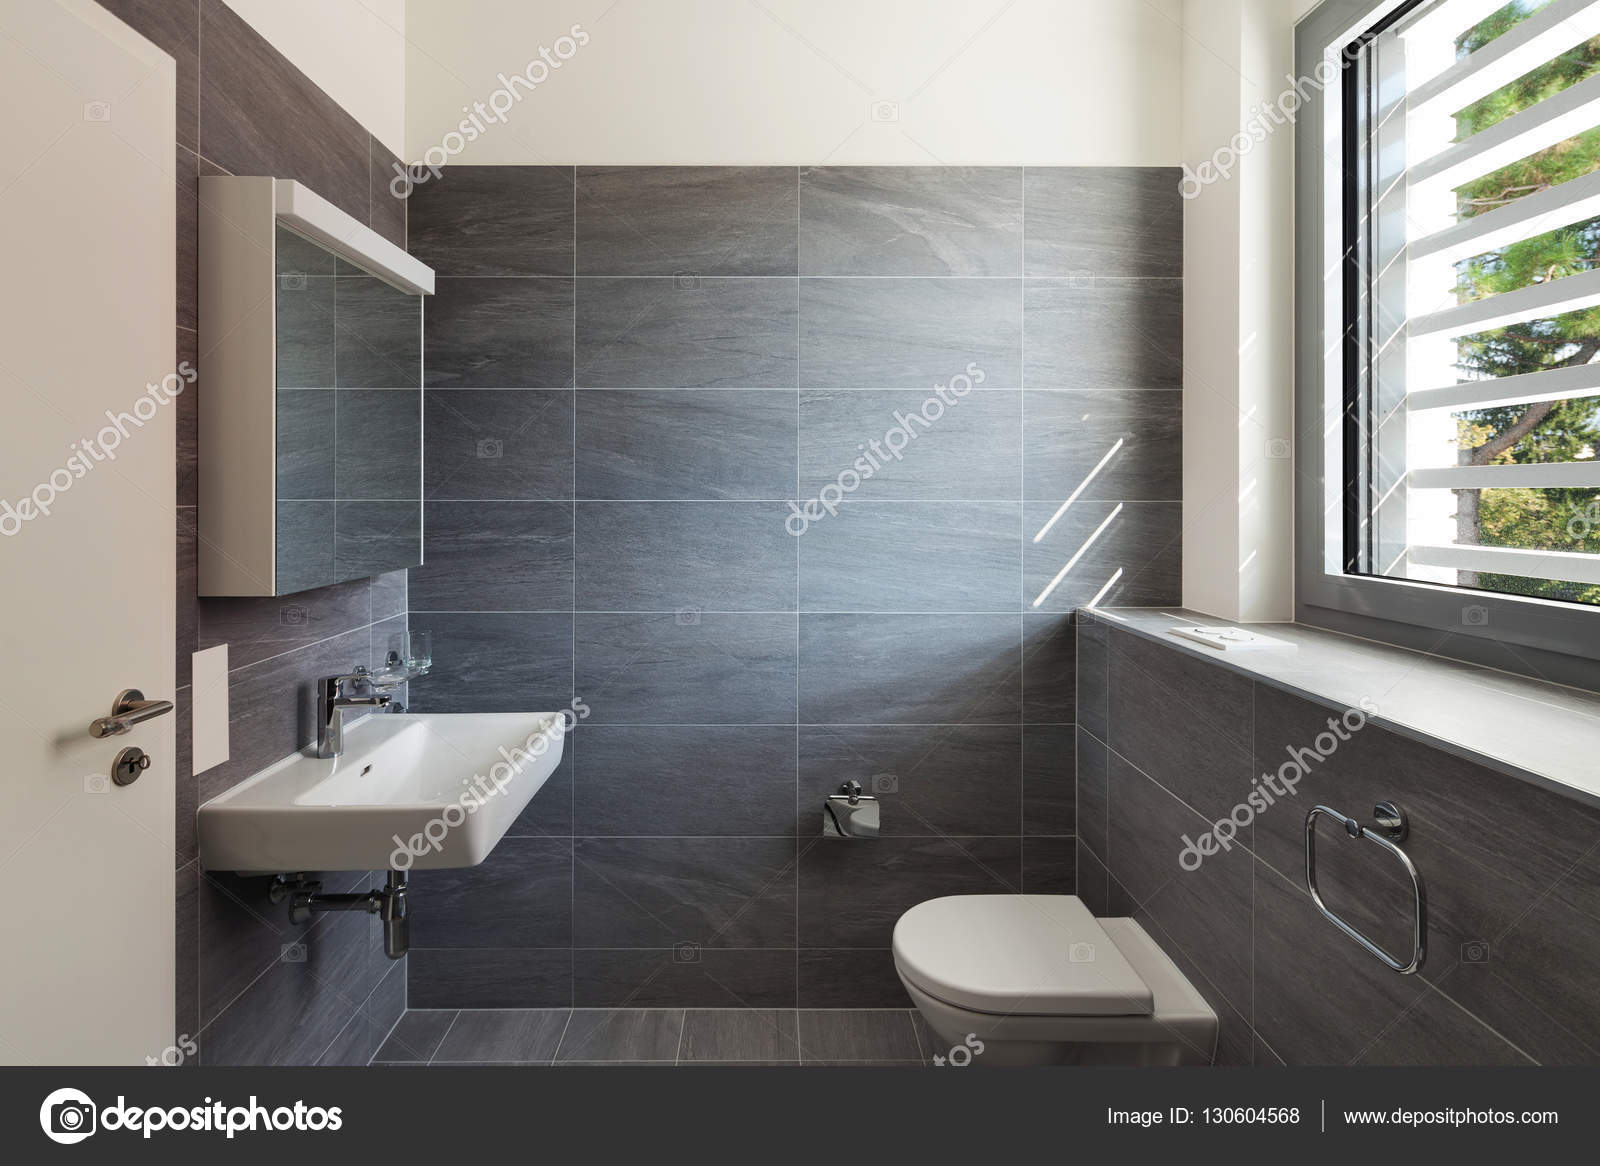 Interieur van een modern huis grijze badkamer stockfoto for Afbeeldingen interieur